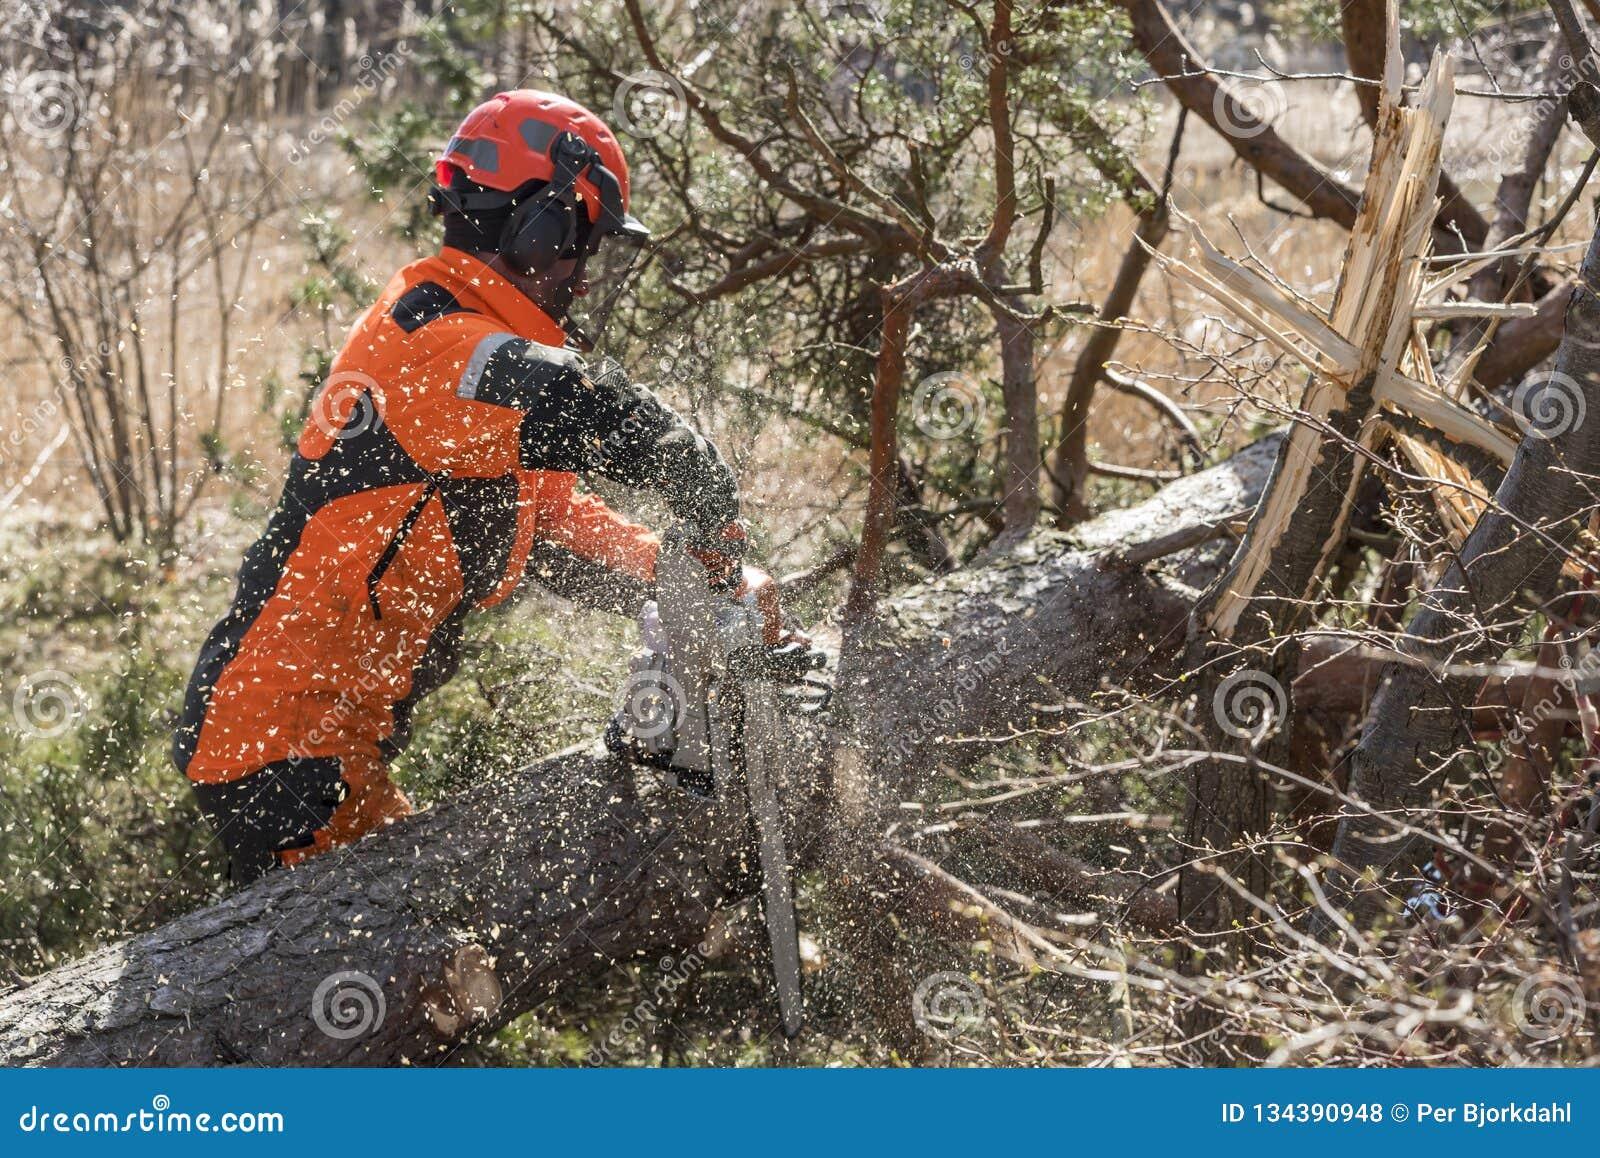 Travailleur de forêt coupant un arbre avec une tronçonneuse